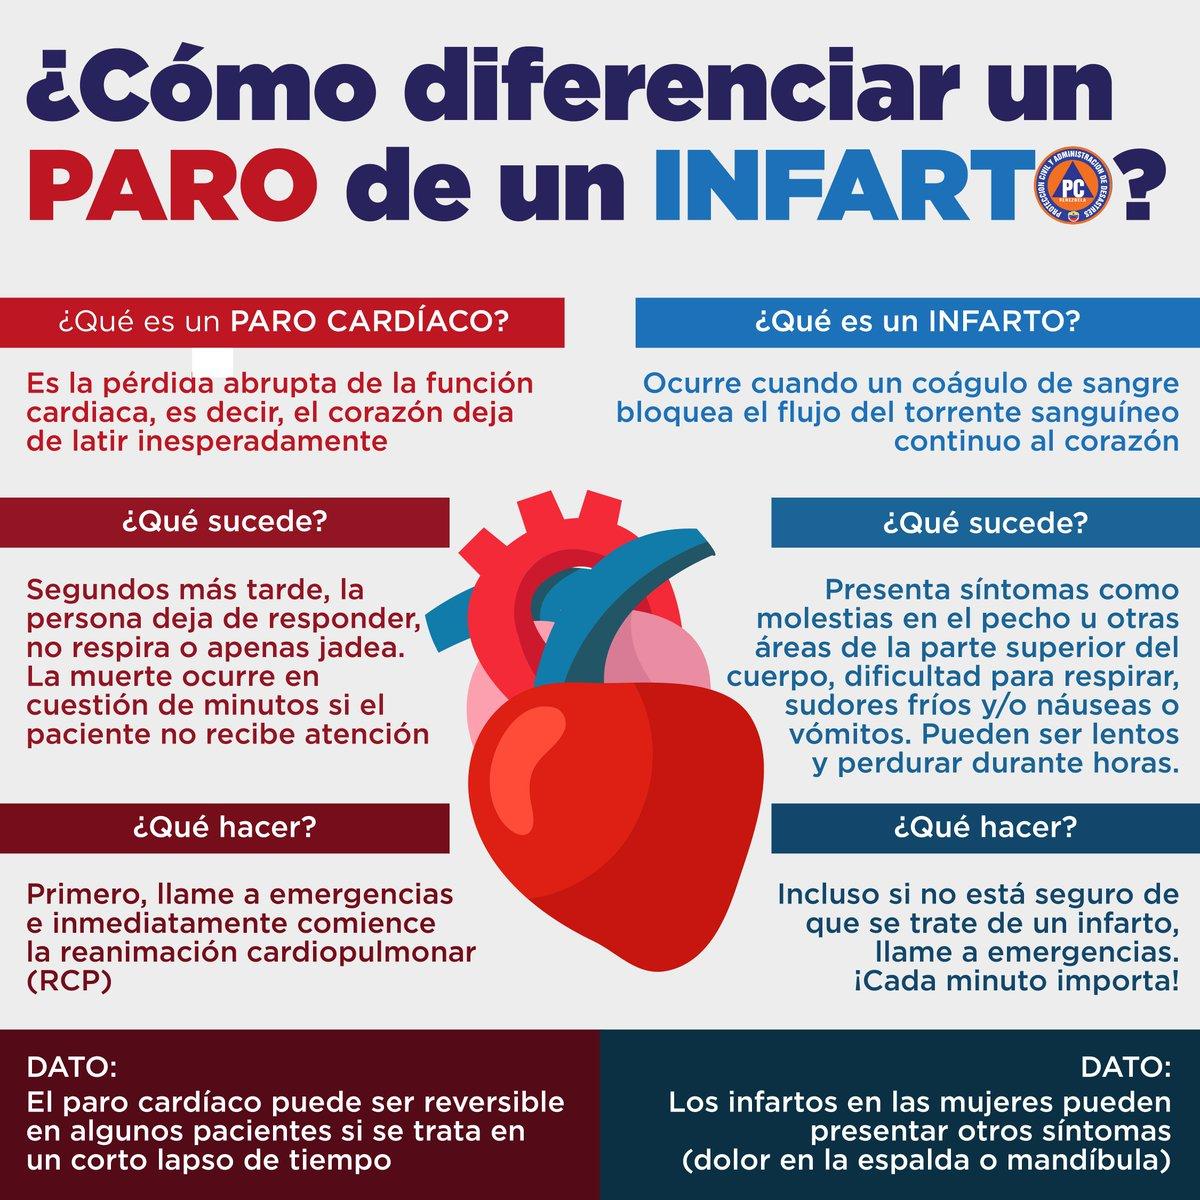 #Consejos   ¿Cómo diferenciar un paro cardíaco de un infarto?  Aquí te lo explicamos @PCivil_Ve te educa, te informa, te previene. #SoloQueremosSalvarVidas pic.twitter.com/CRMyJZB89d #26May #RespetaLaCuarentena #FelizMartes #QuedateEnCasa